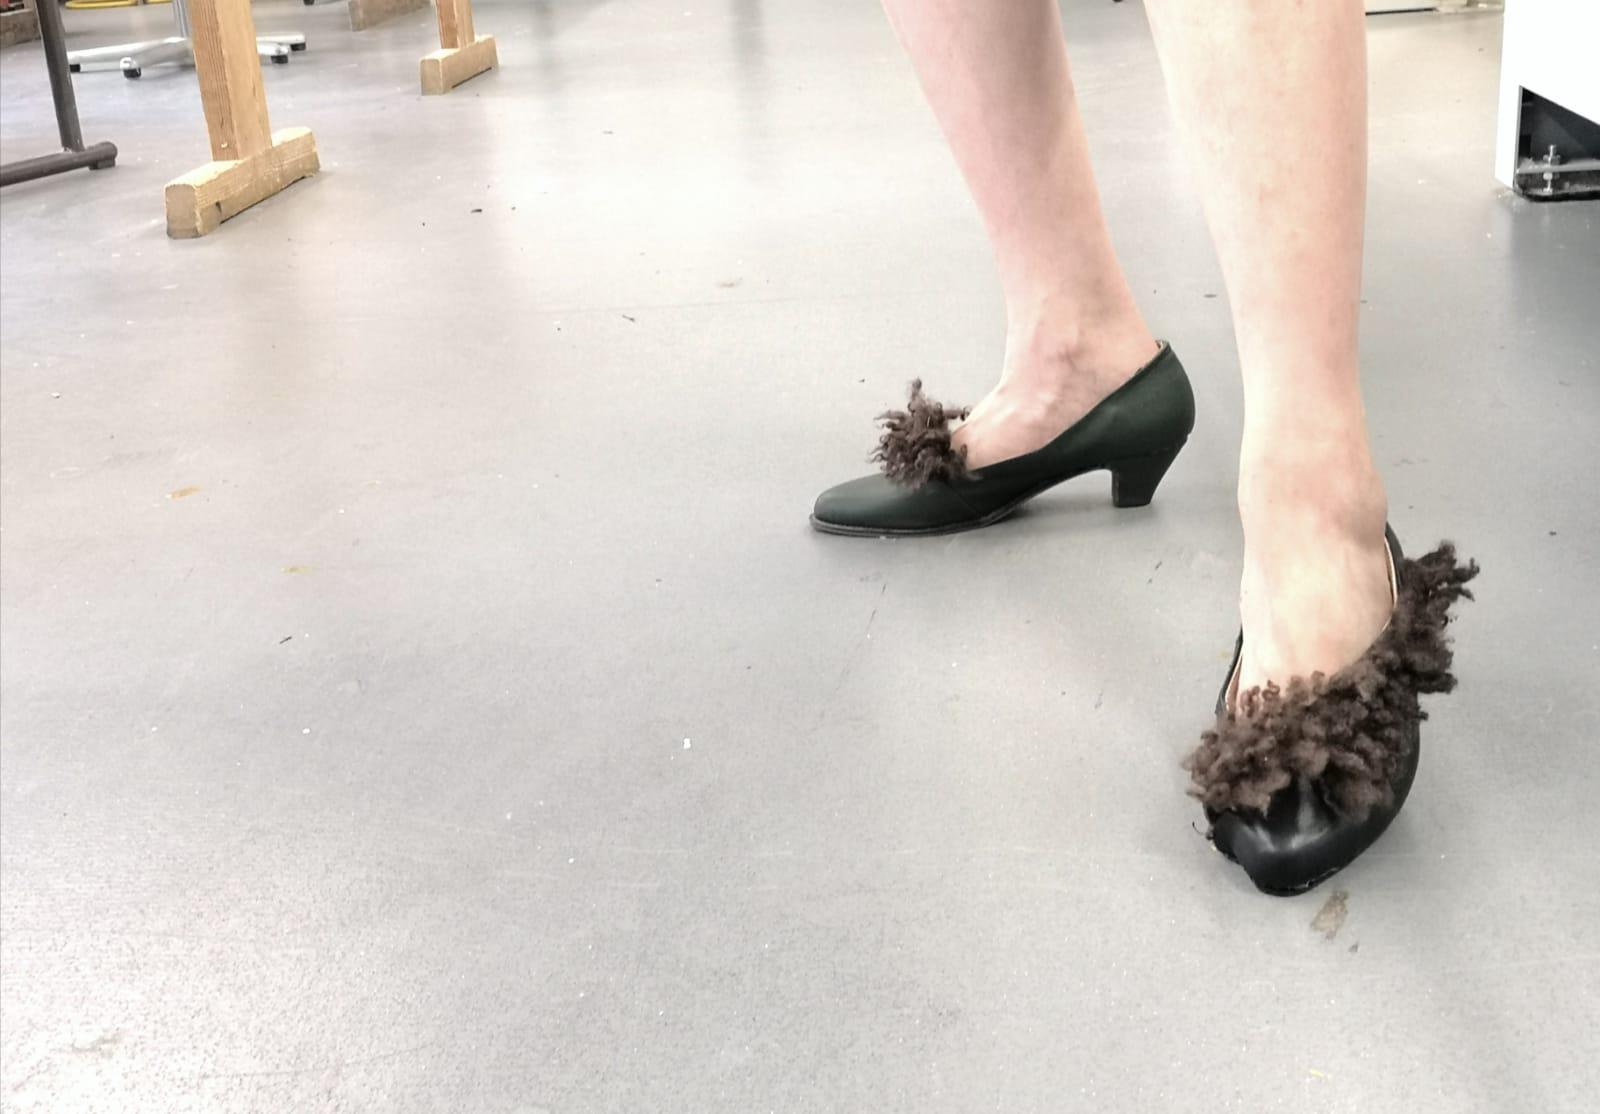 , Kengät käsityönä – Mitä kengän valmistaminen oikeastaan pitää sisällään?